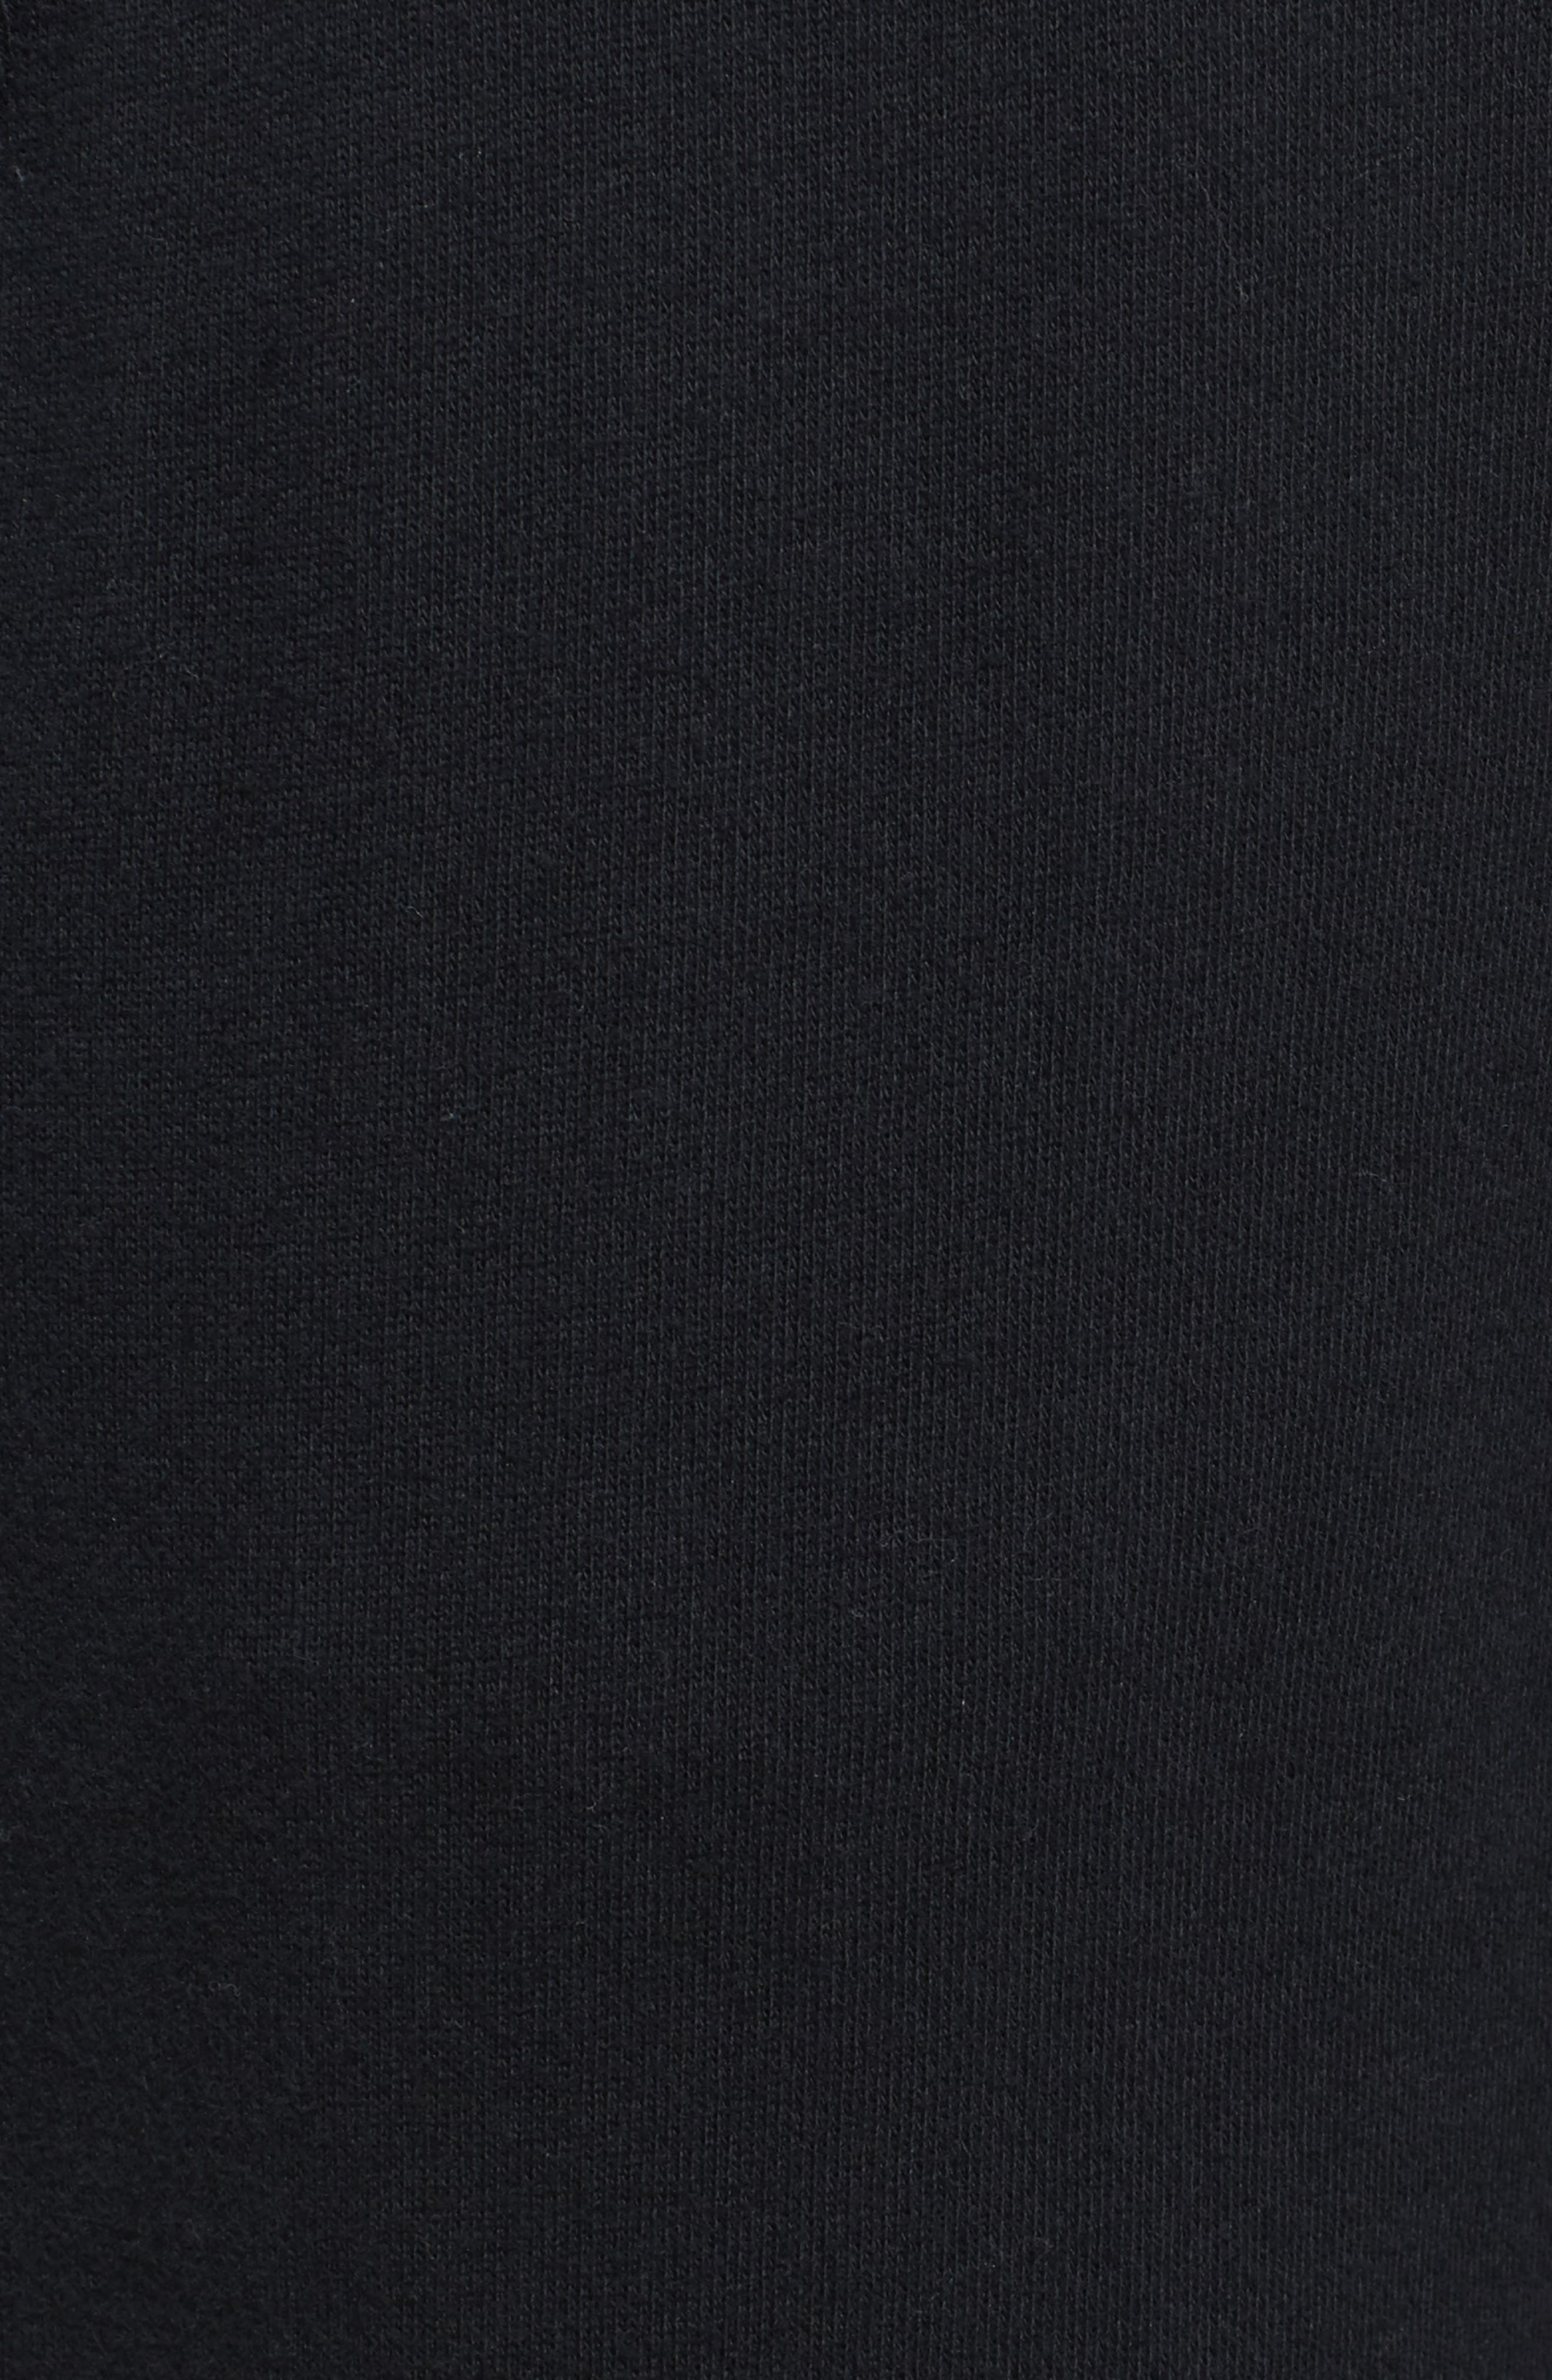 Babe Jogger Pants,                             Alternate thumbnail 5, color,                             BLACK